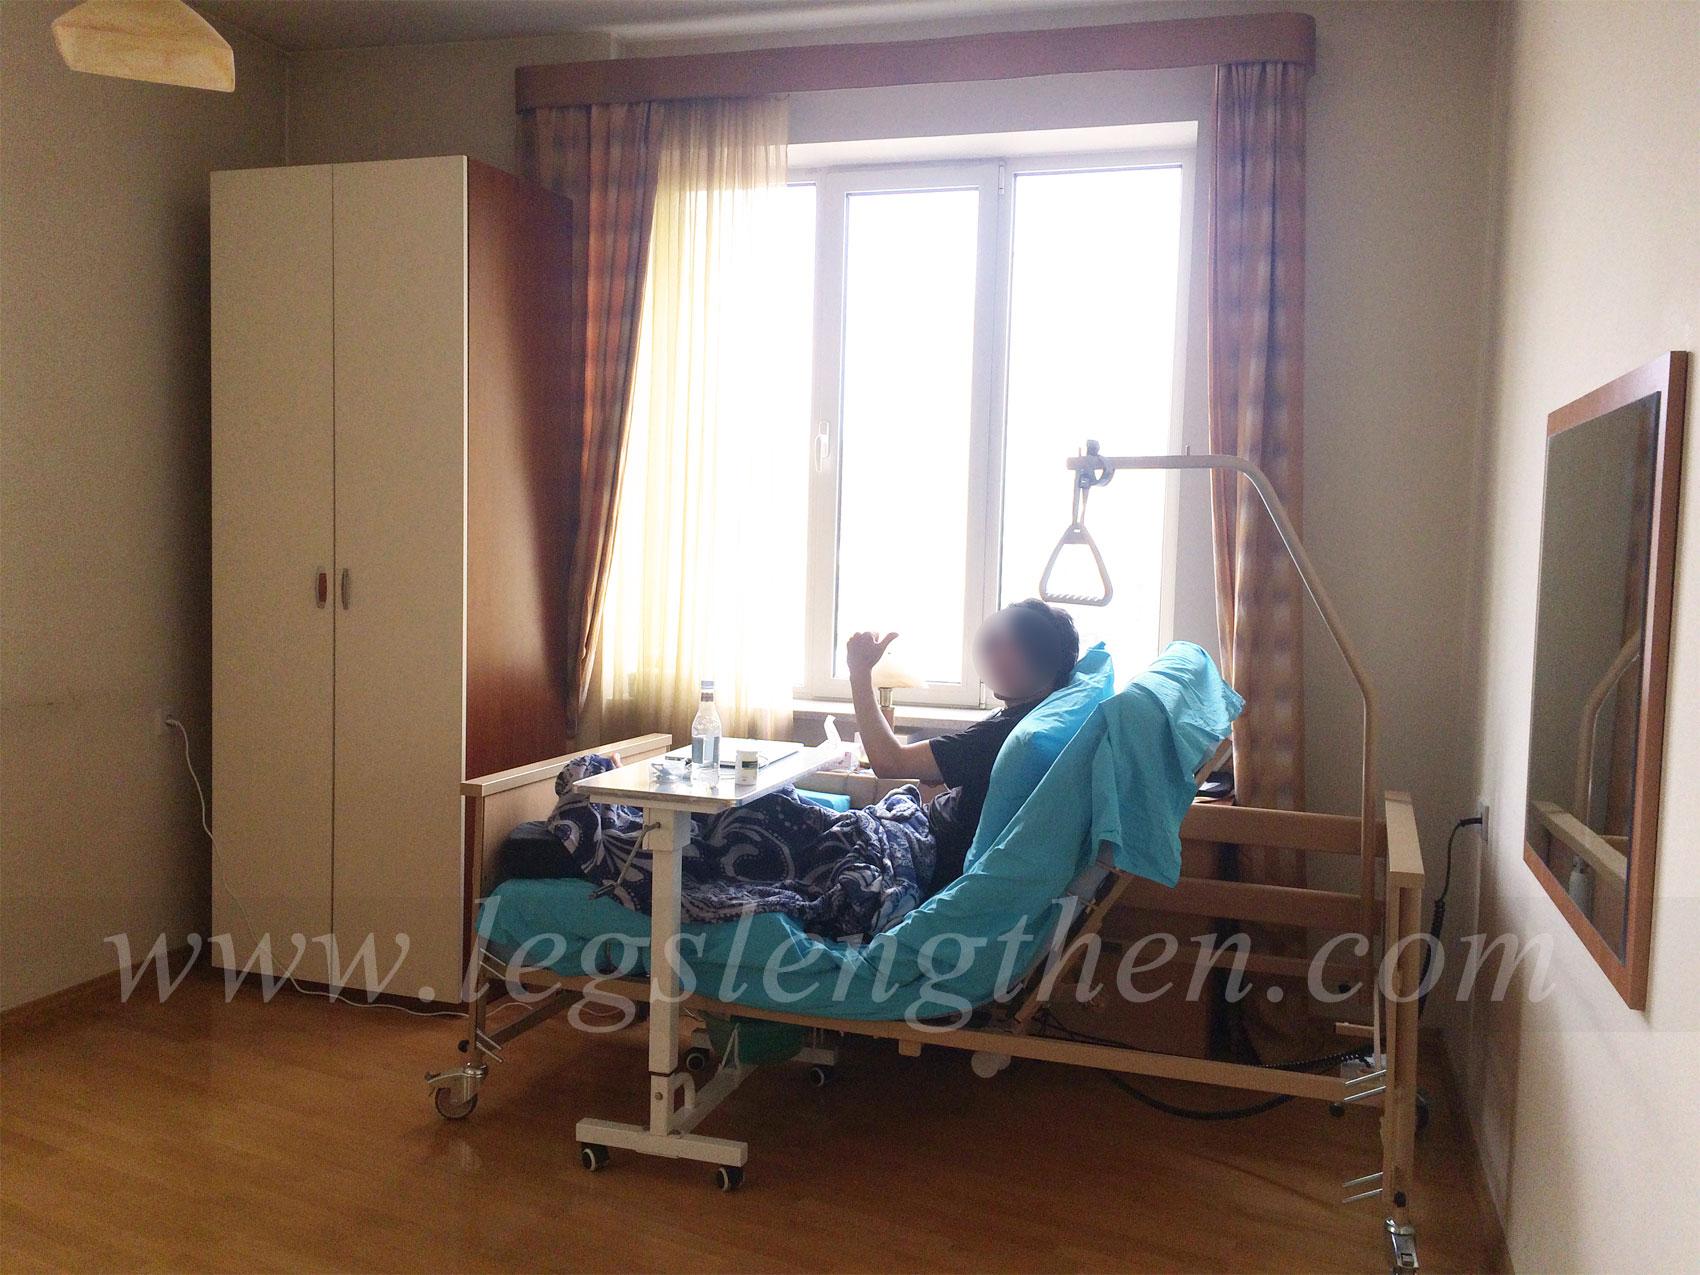 7-apartment-legs-lensgthening-armenia.jpg